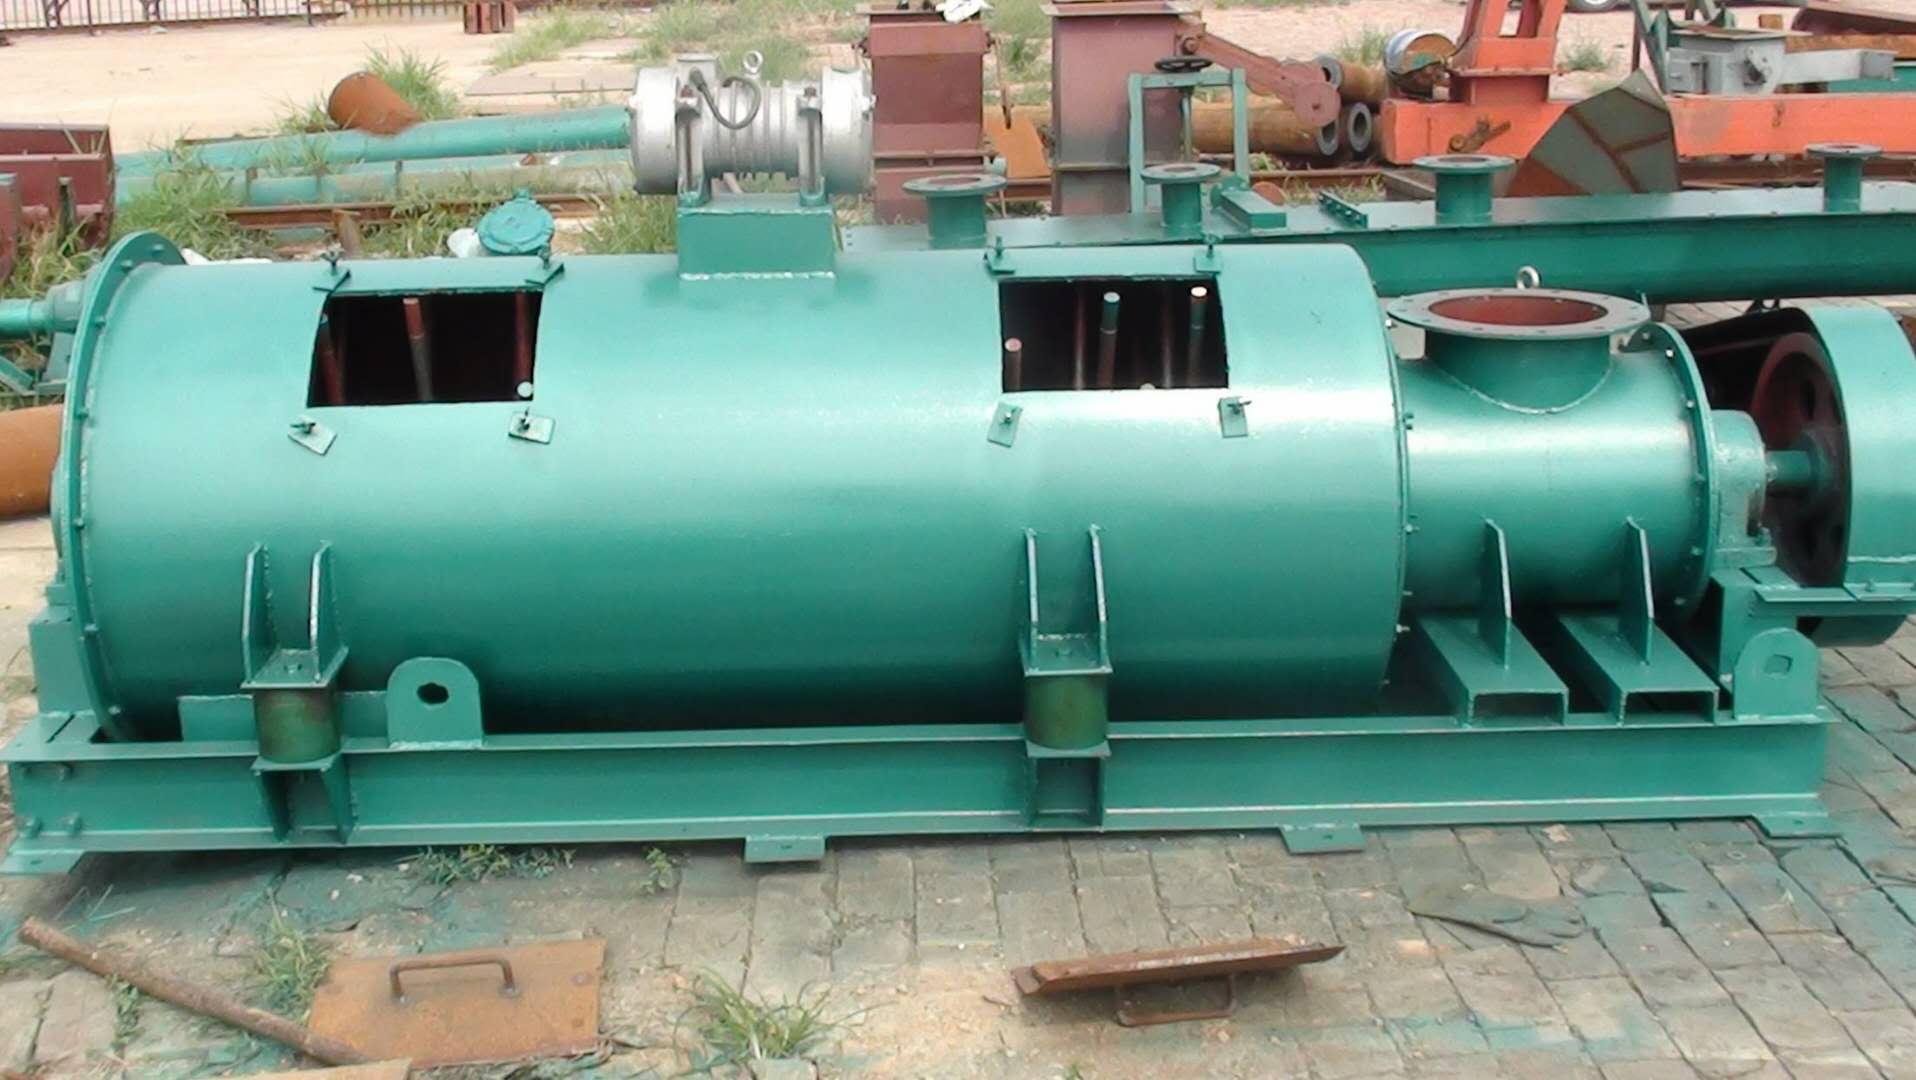 厂家直销优质单轴粉尘加湿机,欢迎选购 厂家直销单轴粉尘加湿机 可定制